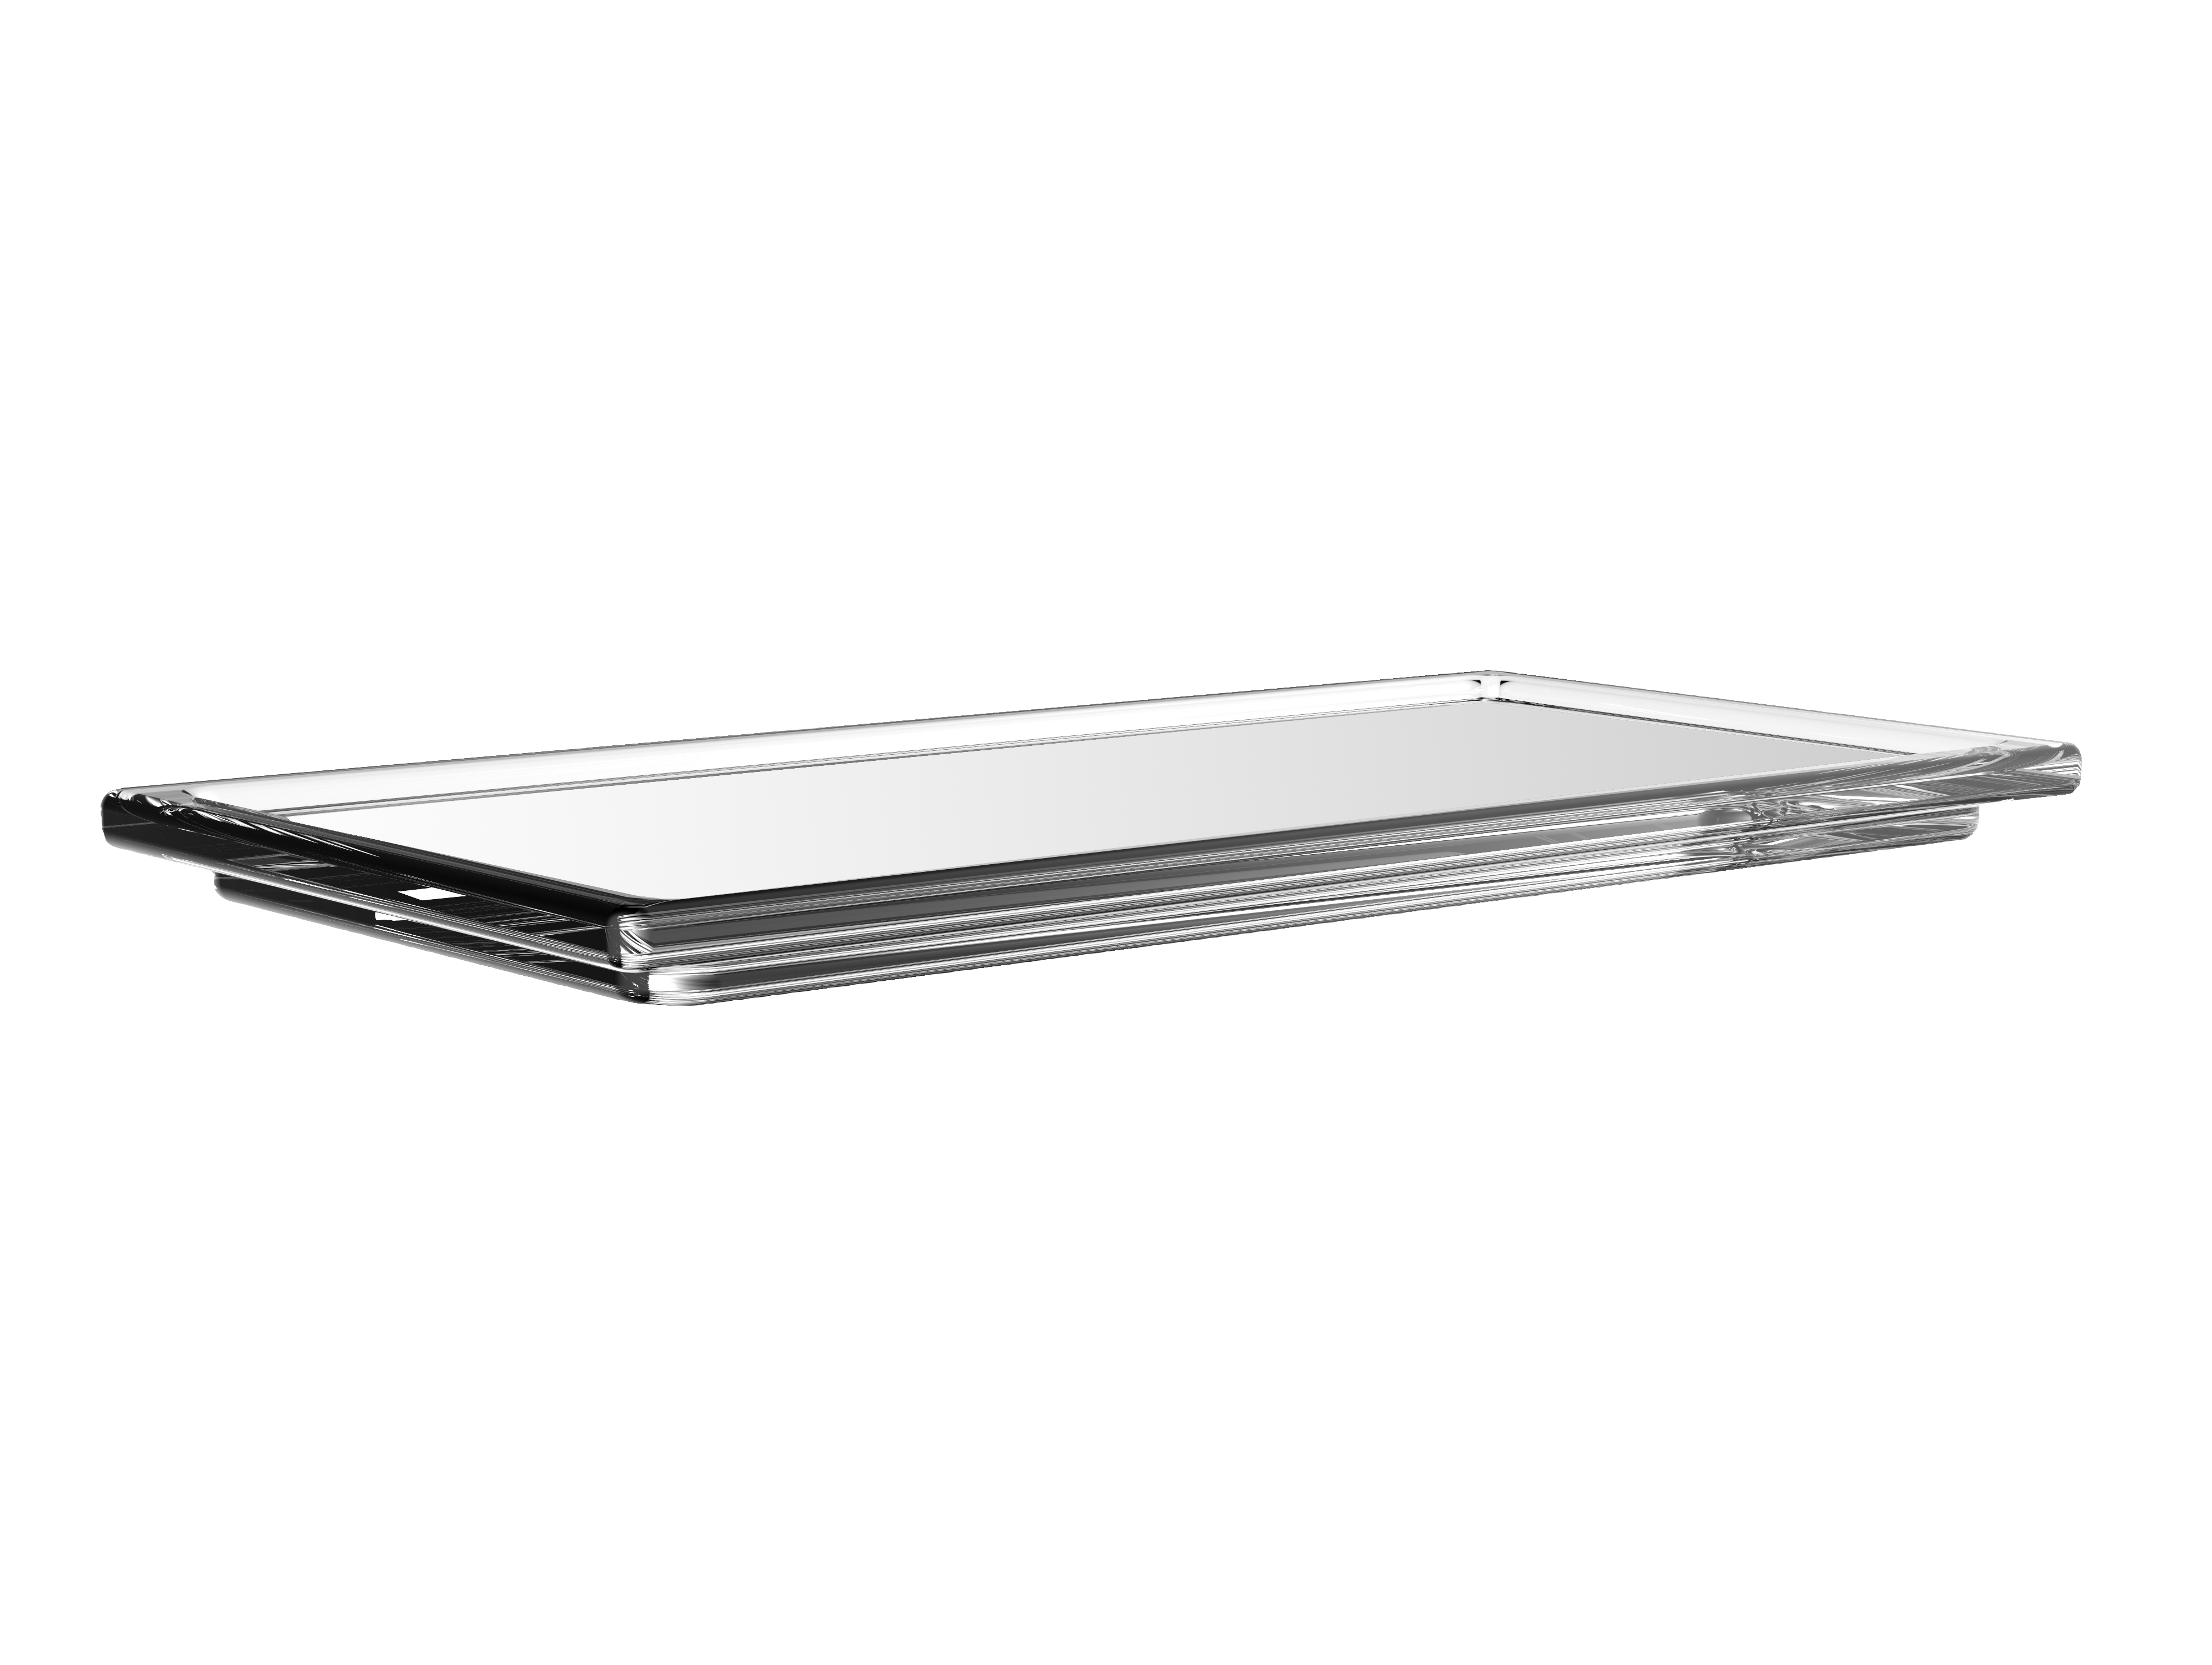 EMCO Liaison Glass shelf clear | xTWOstore